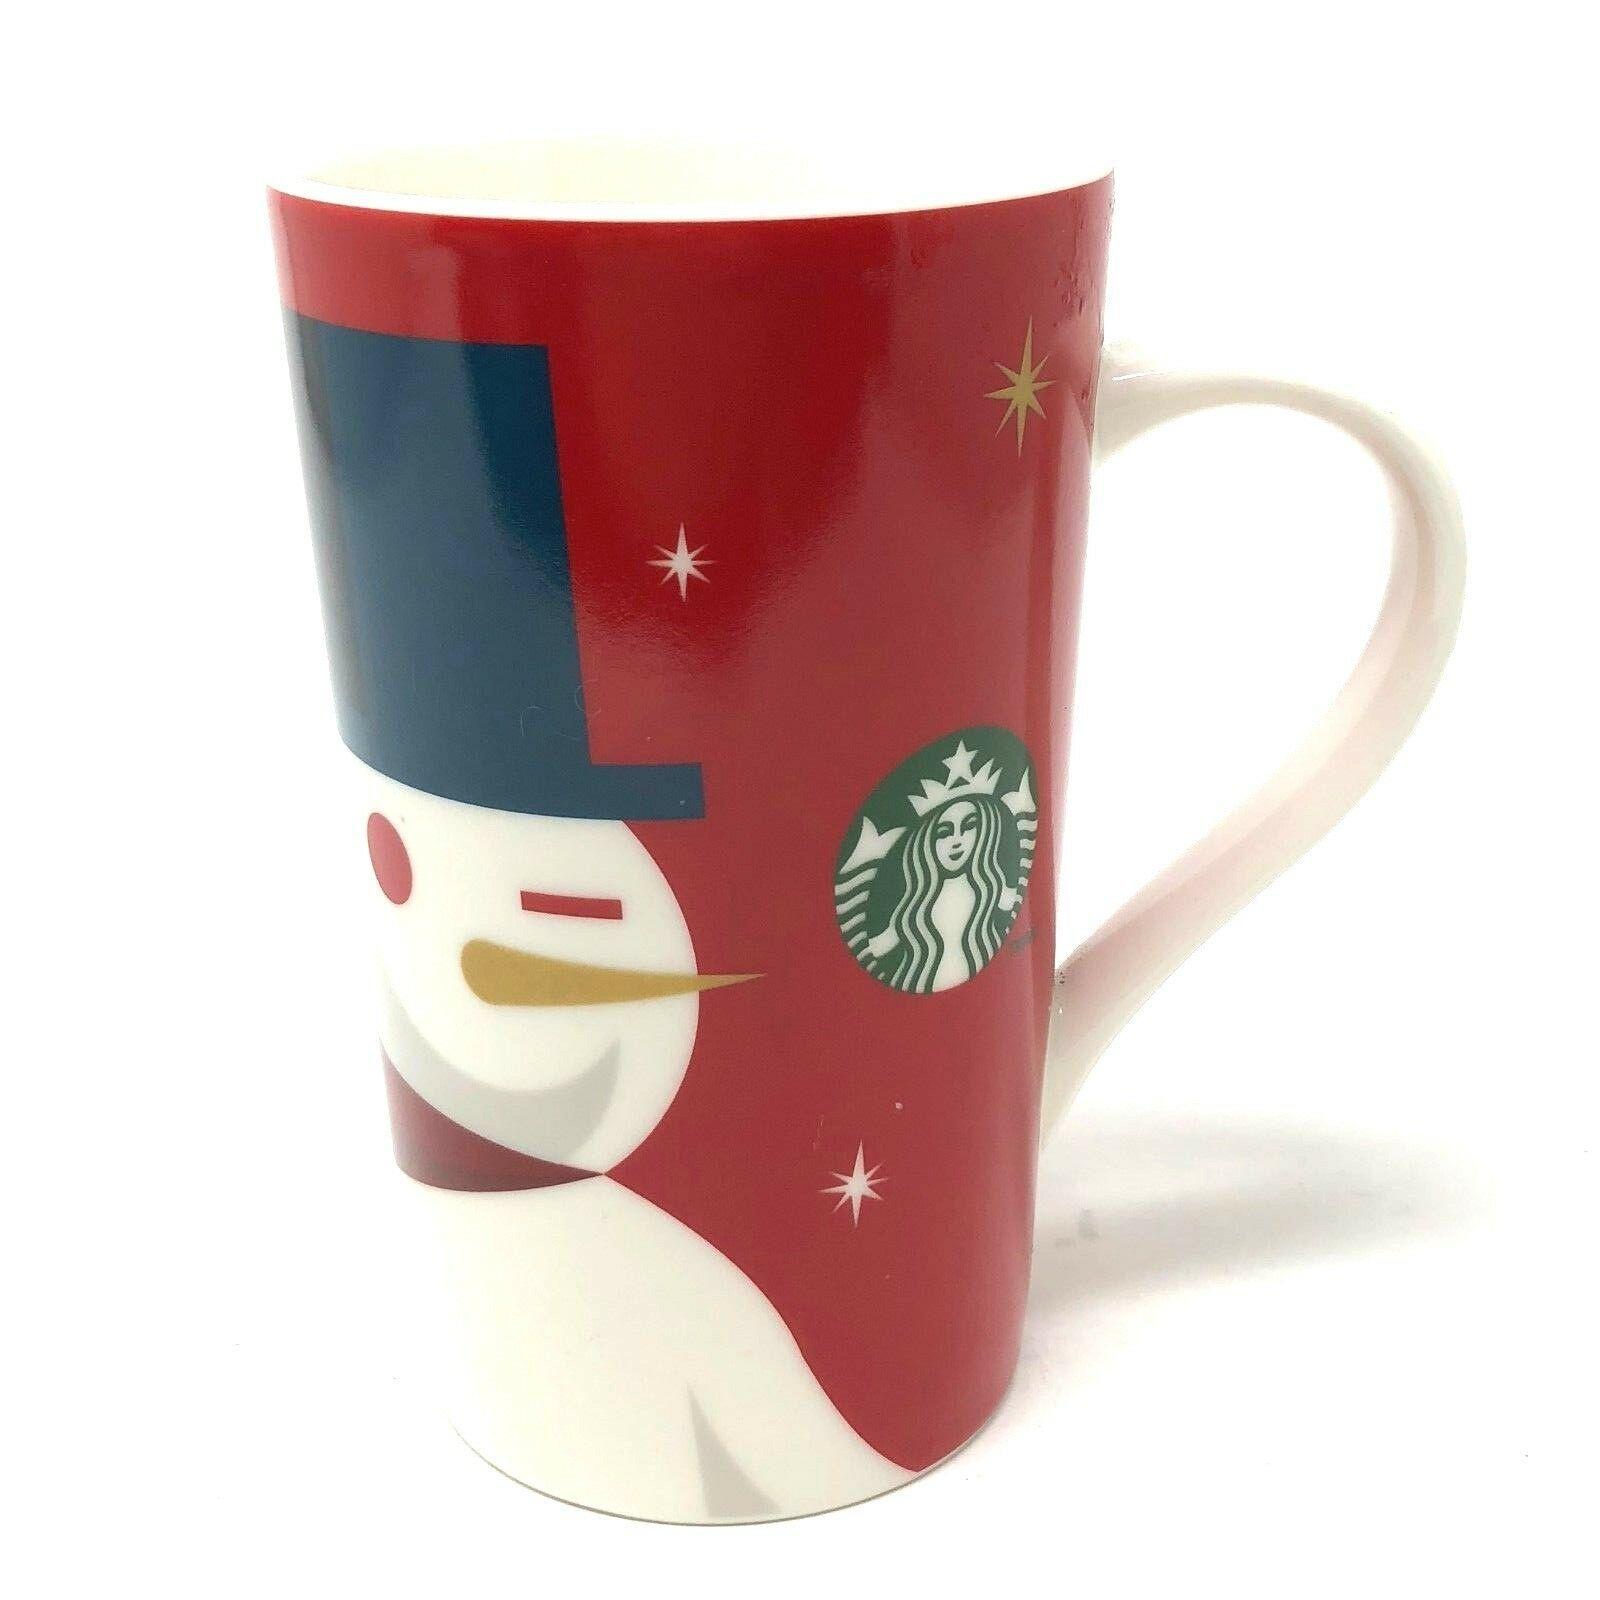 Starbucks Mug 2012 Holiday Christmas Snowman Grande Coffee Cup 16 oz